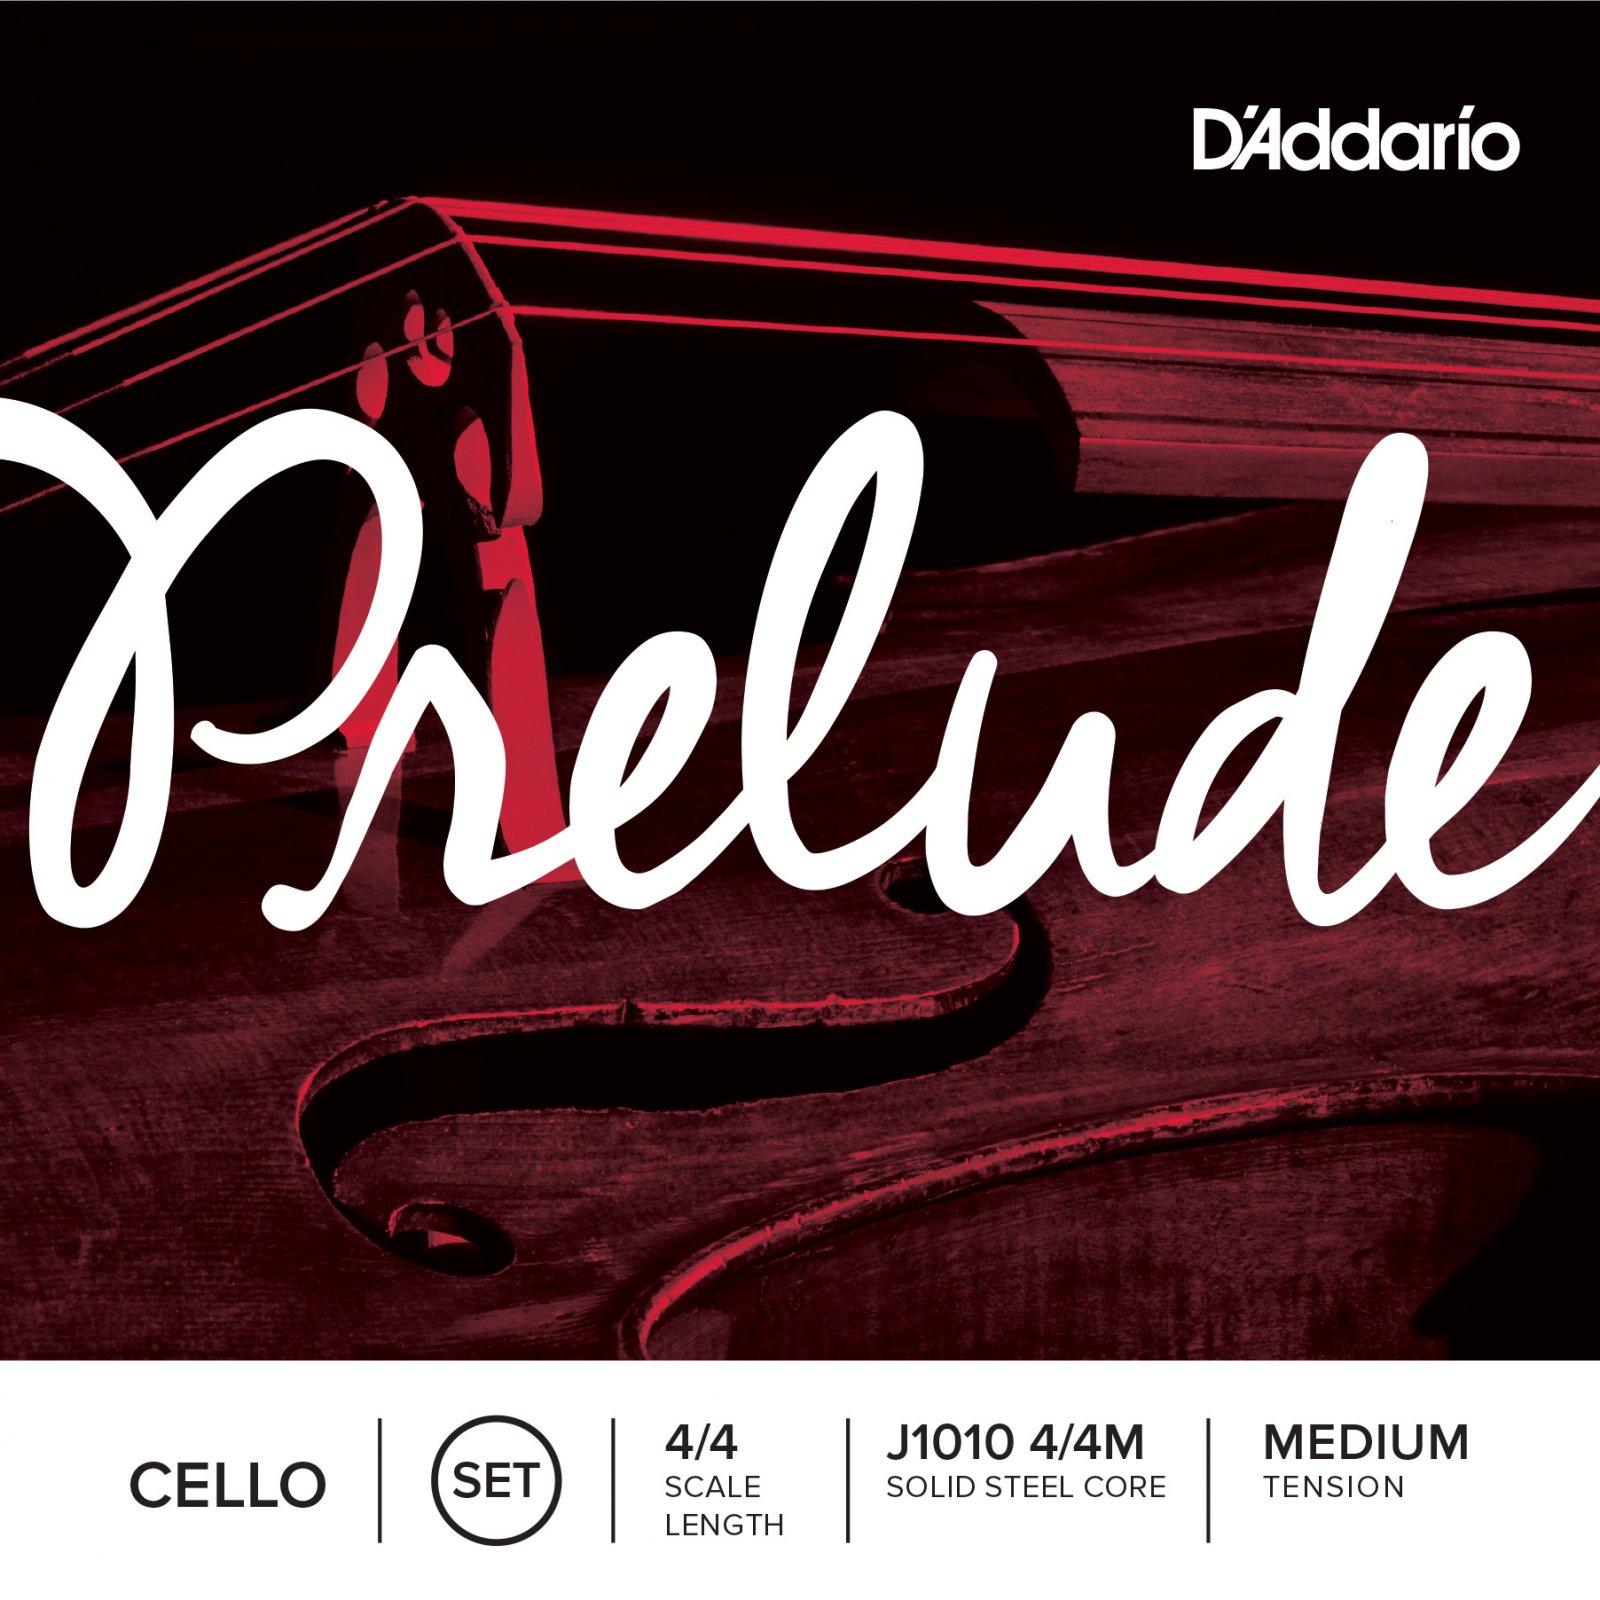 D'Addario J1010 Prelude Cello String Set 4/4 Scale Medium